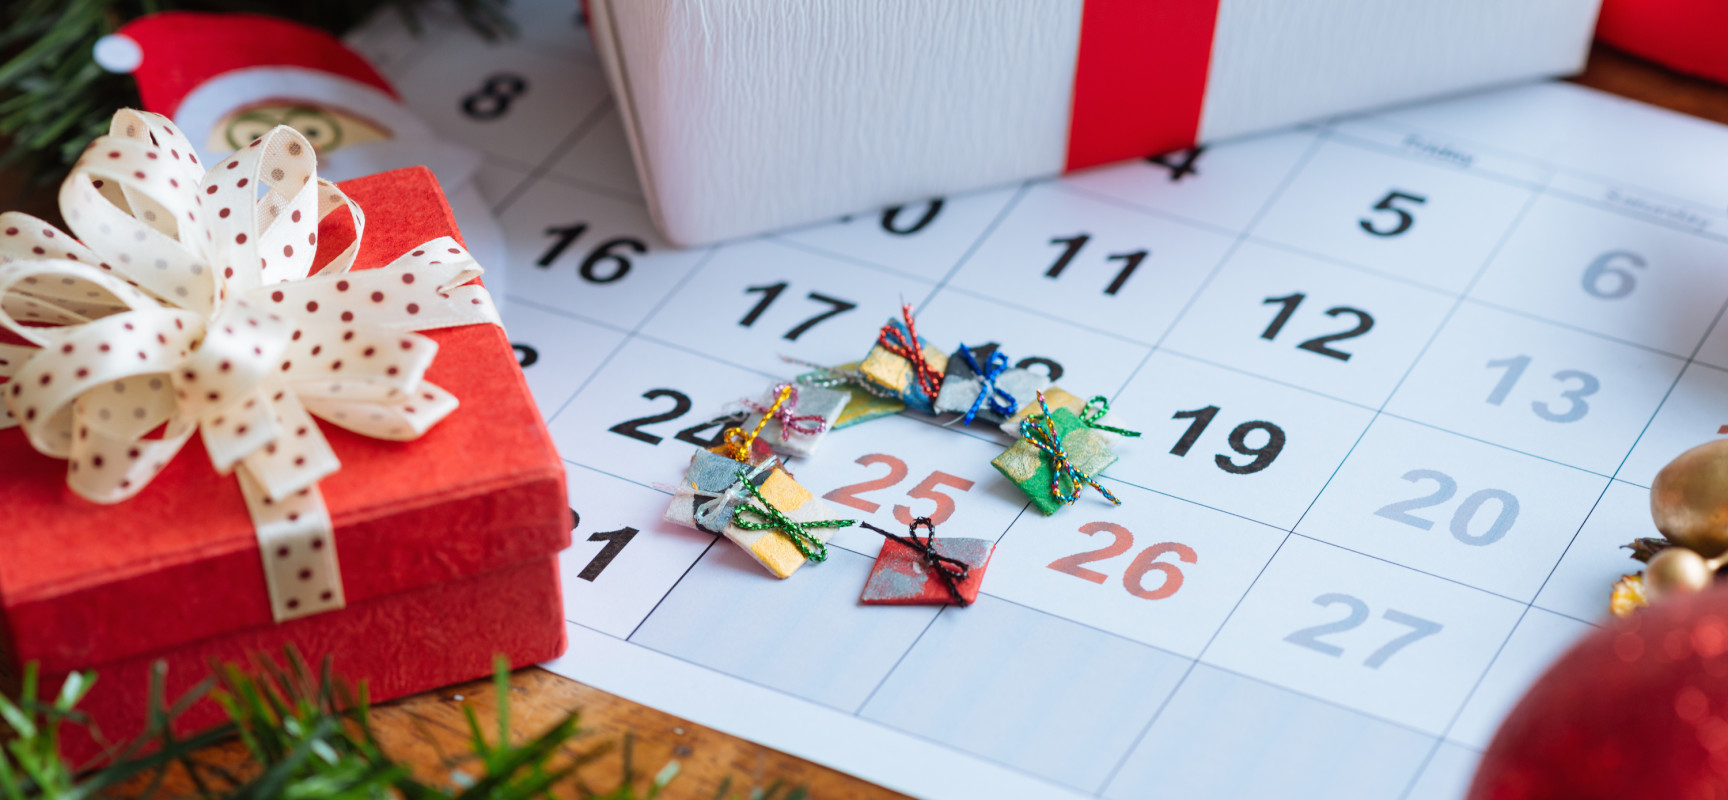 Работа в праздничные дни: оформление и оплата